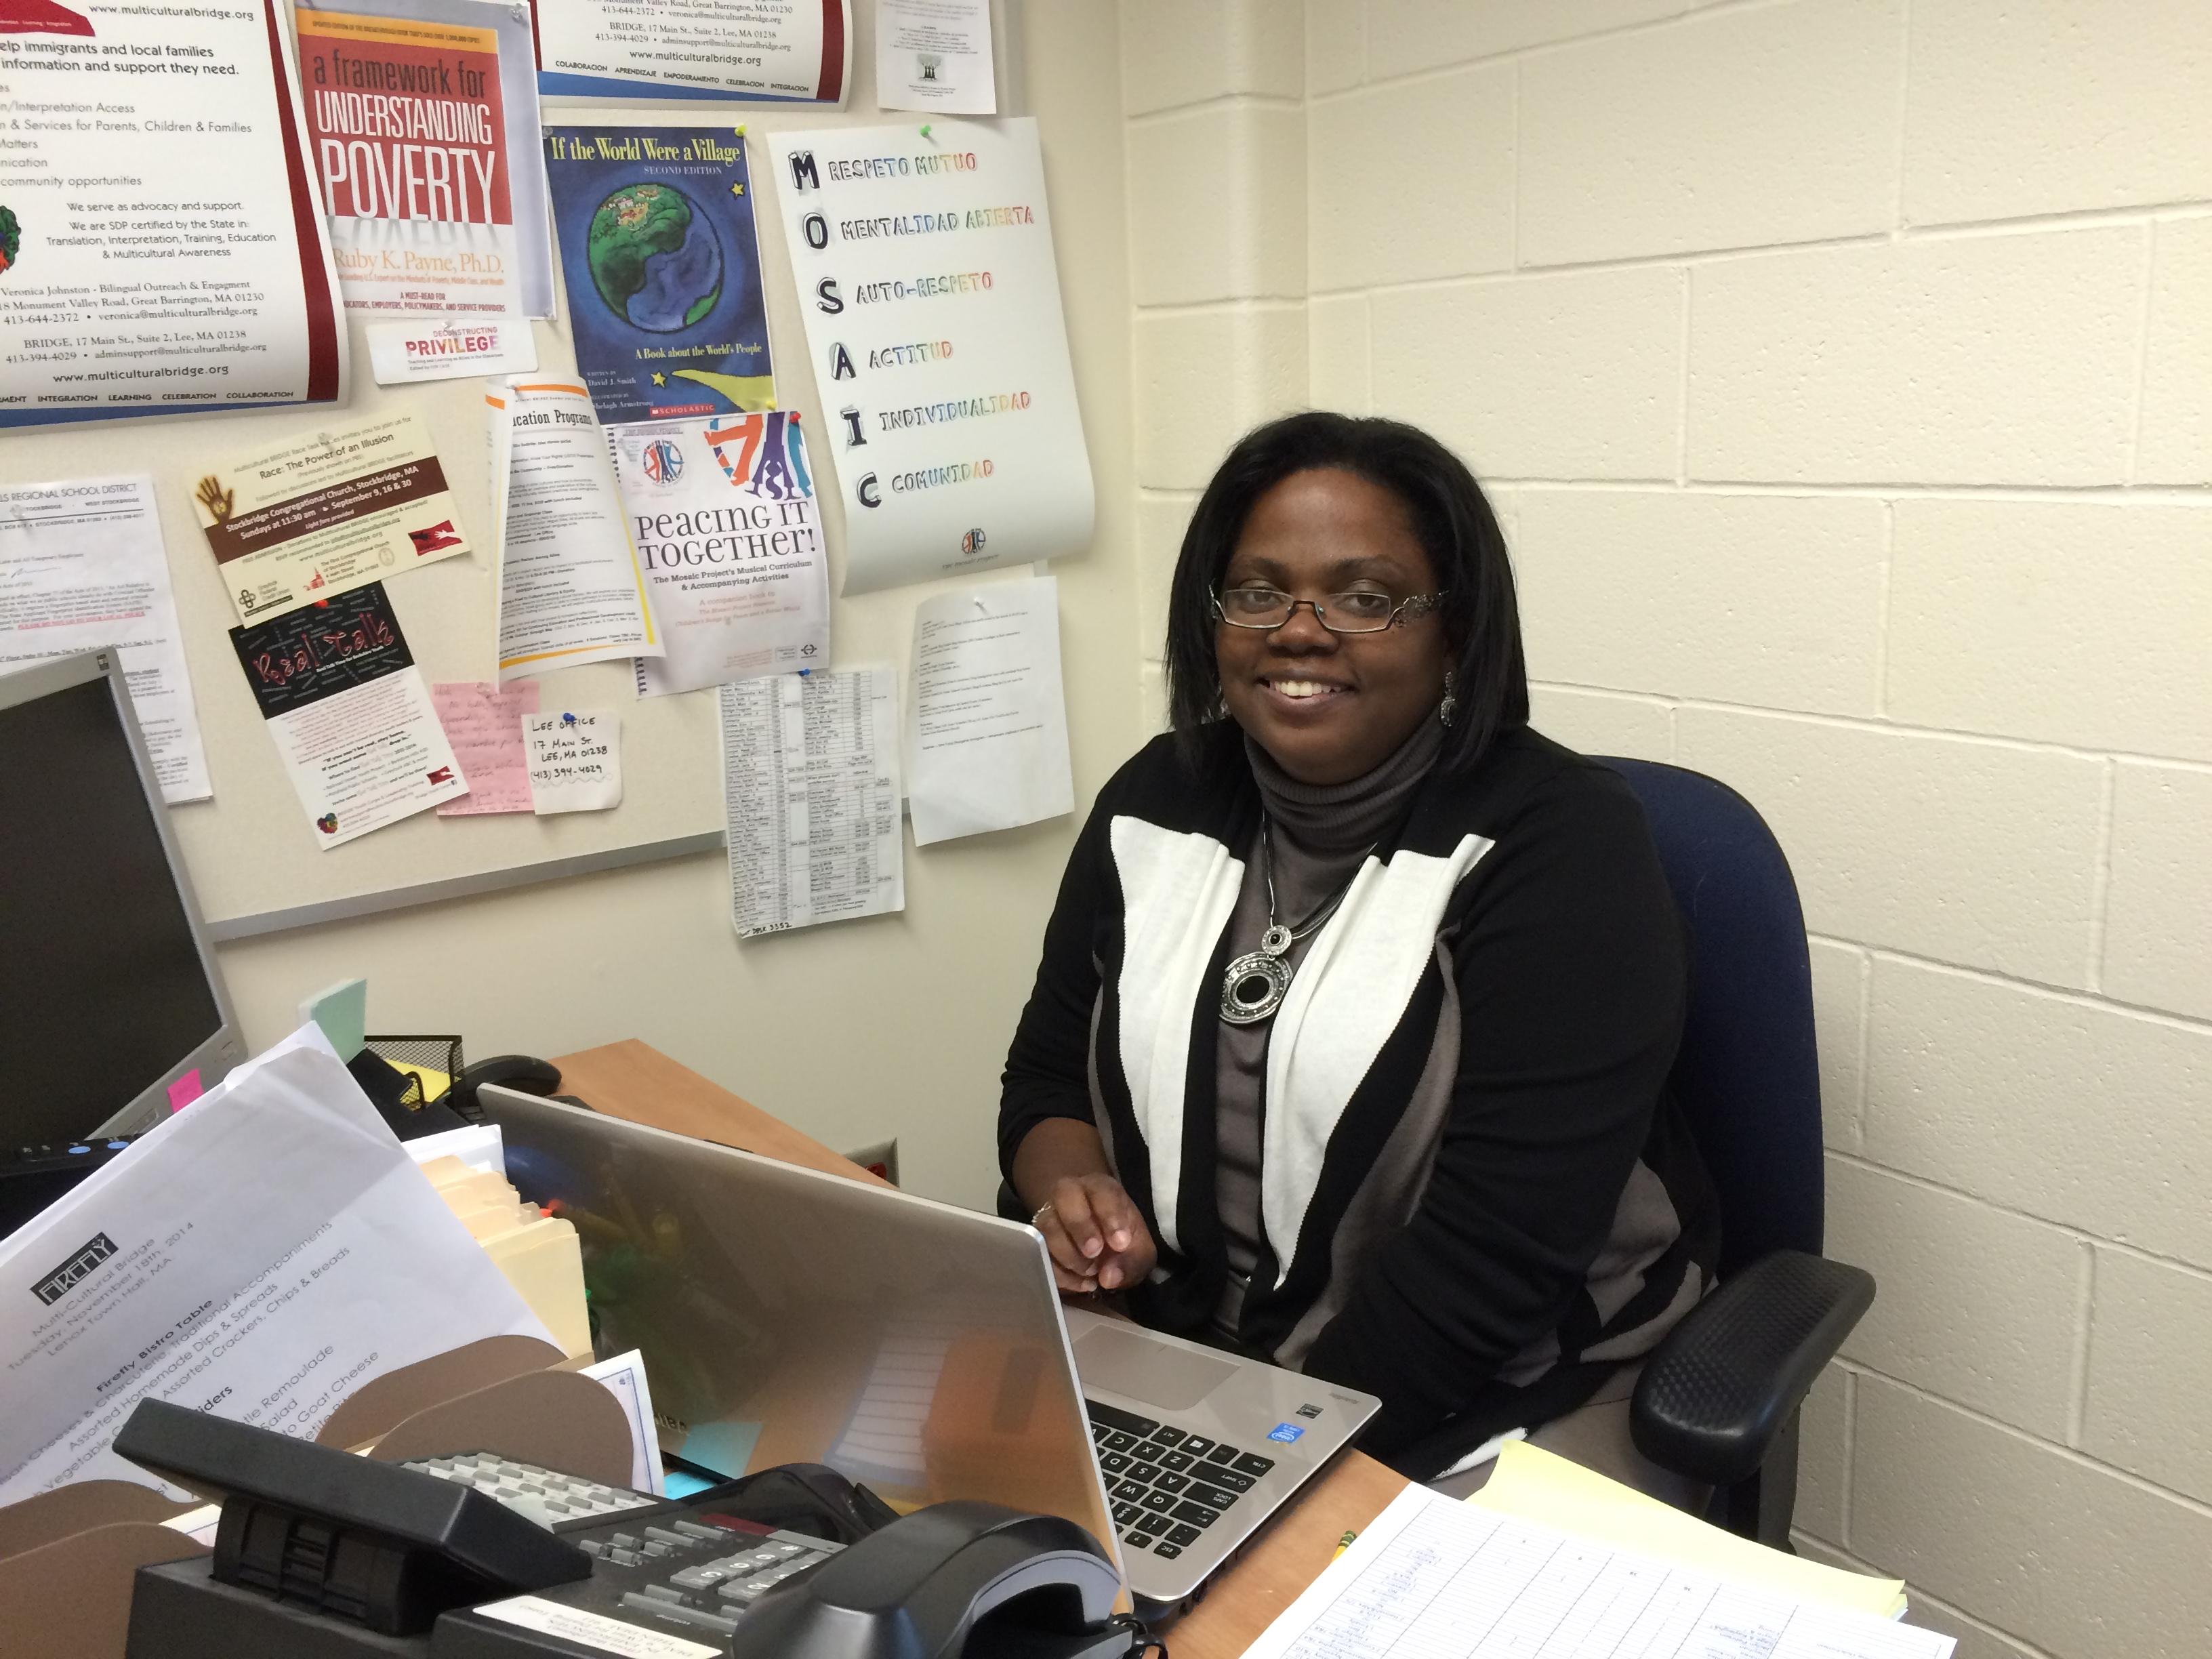 Multicultural BRIDGE's director Gwen Van Sant in her office at Muddy Brook Regional Elementary School.